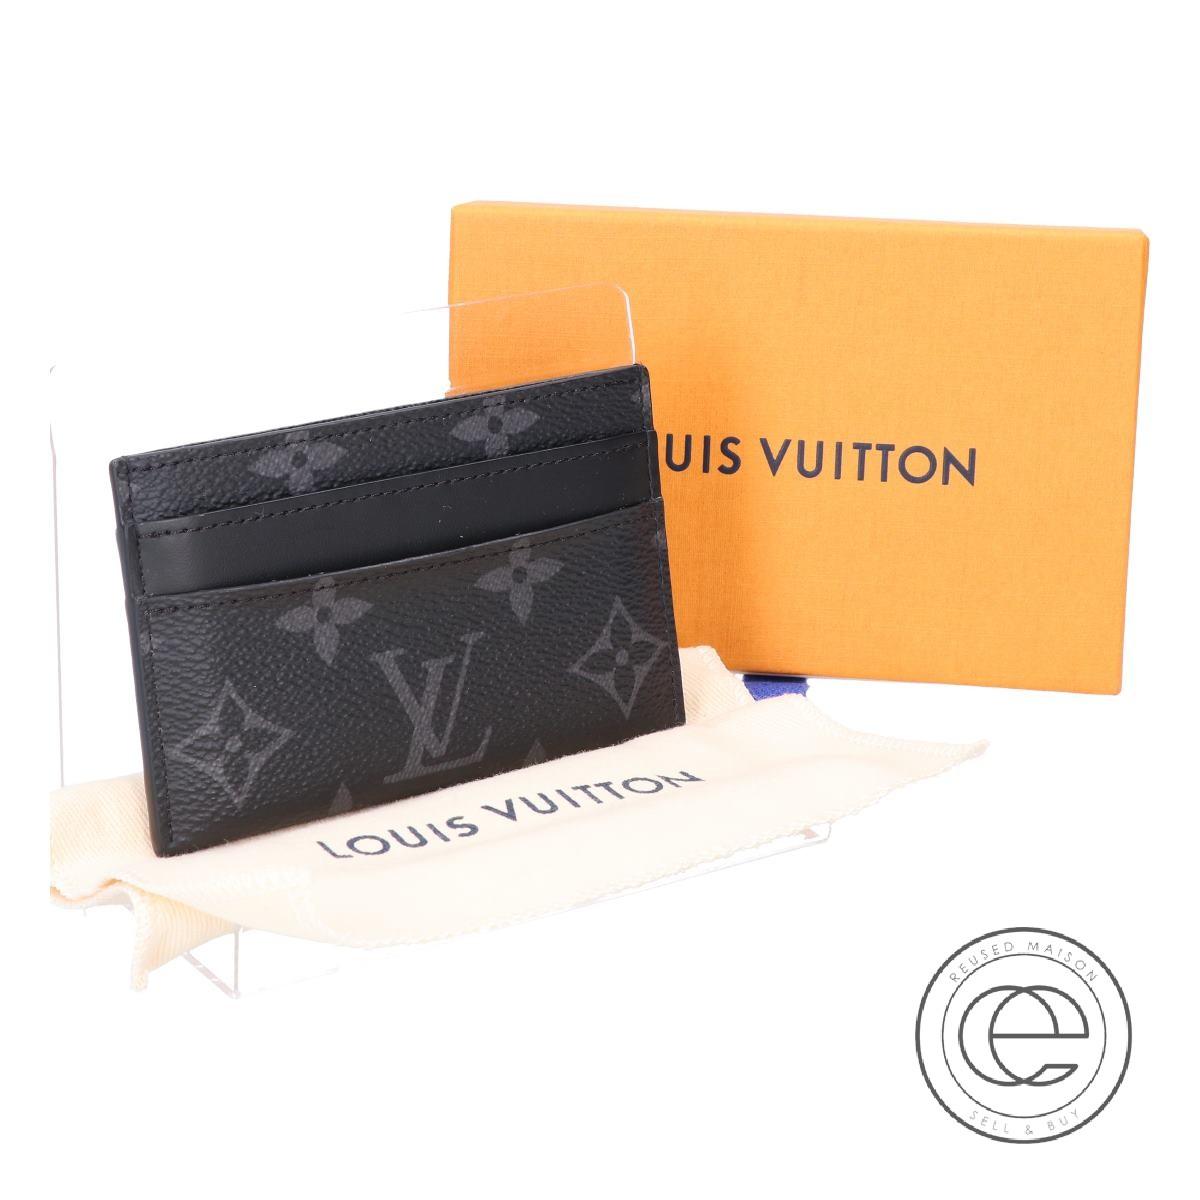 LOUIS VUITTON ルイ・ヴィトン 16年製 M62170 ポルト・カルト・ダブル カードケース モノグラム・エクリプス メンズ 【中古】